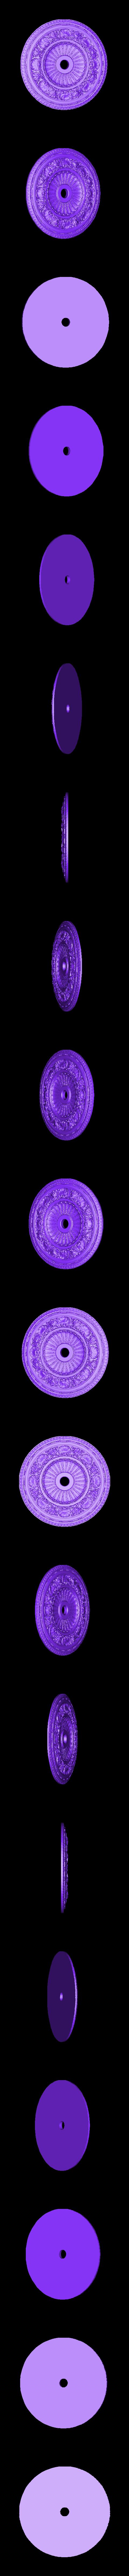 28.obj Télécharger fichier OBJ gratuit Moulures vintage pour vieux appartements classiques cnc art machine à router 3D printed • Modèle à imprimer en 3D, 3DPrinterFiles